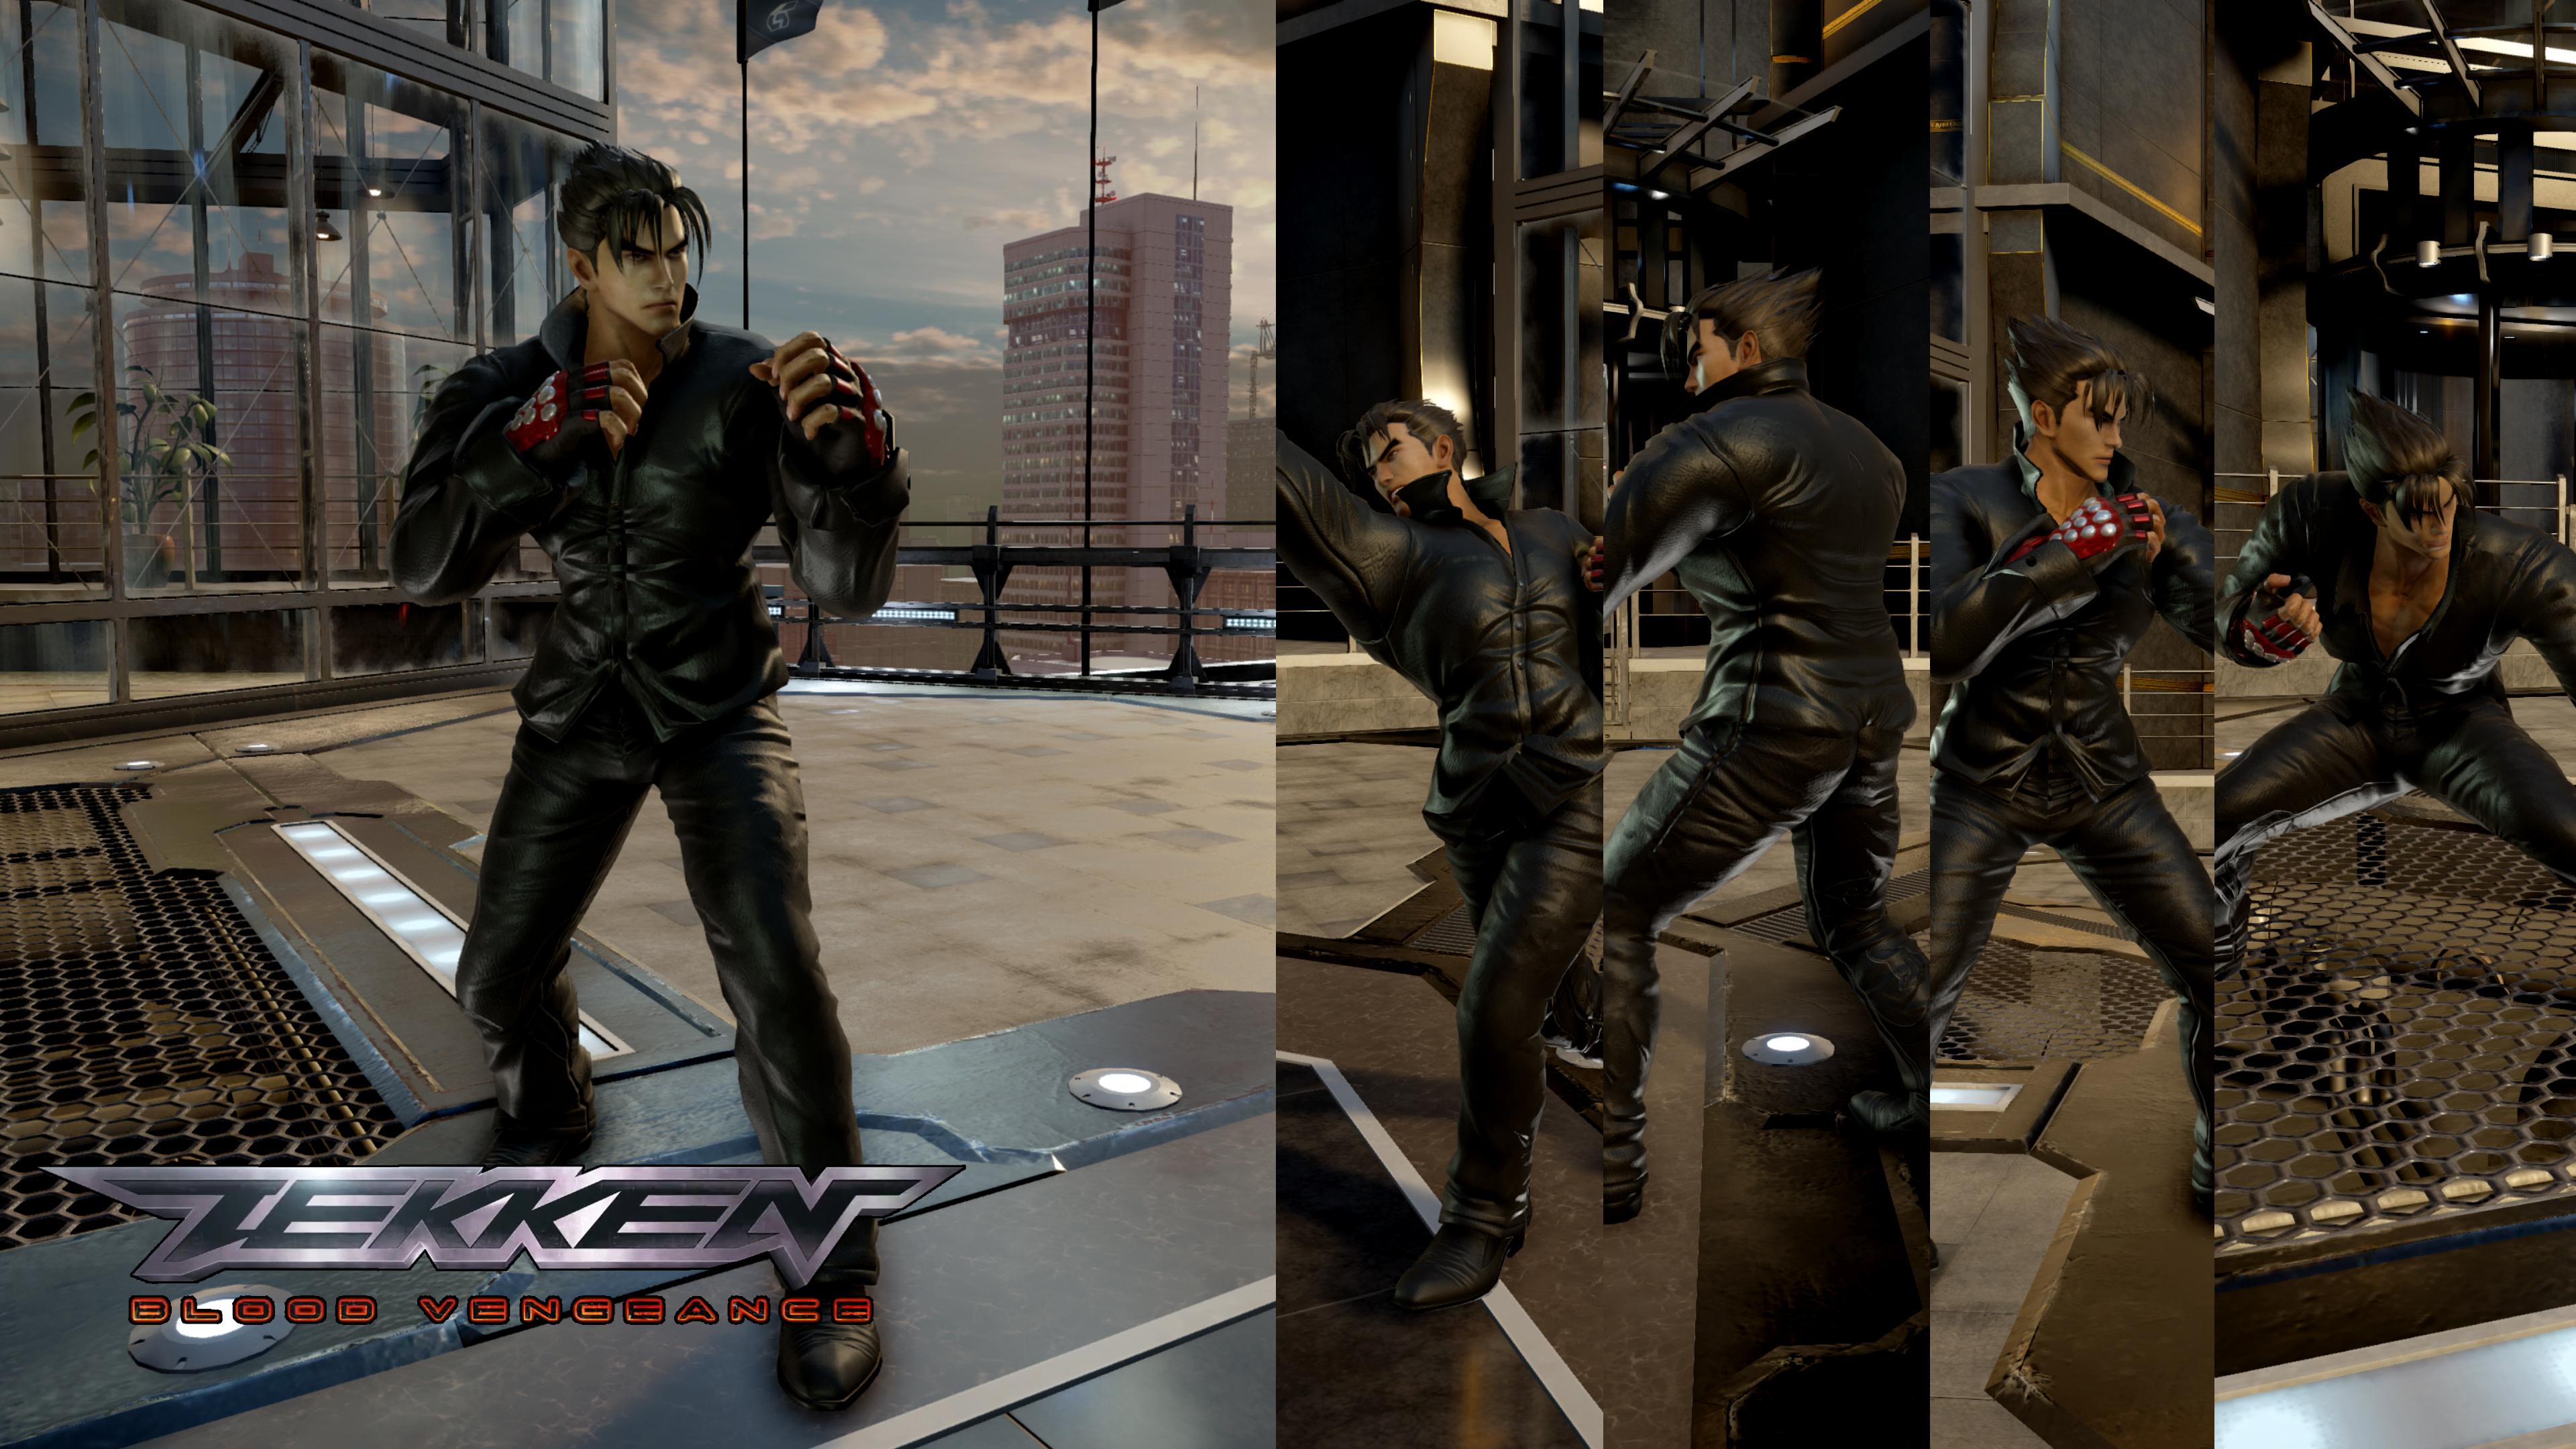 Tekken Blood Vengeance Jin Kazama By Thei3arracuda On Deviantart